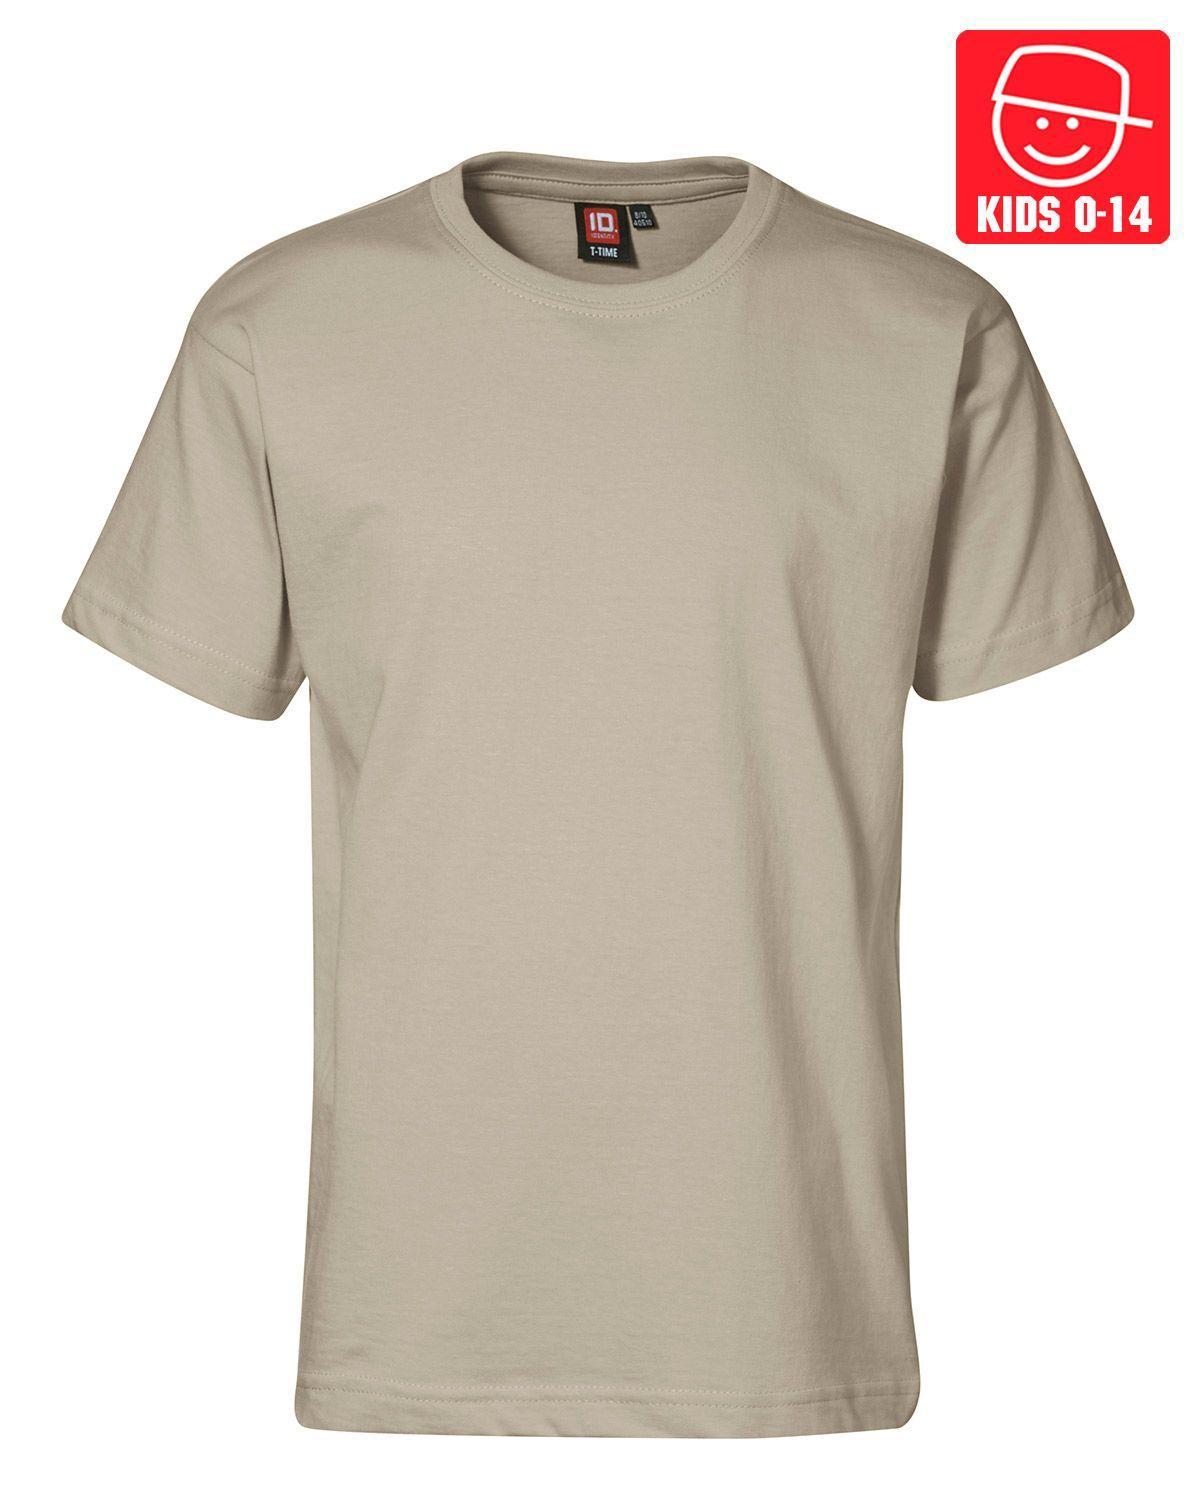 Billede af ID T-TIME T-shirt (Khaki, 158)